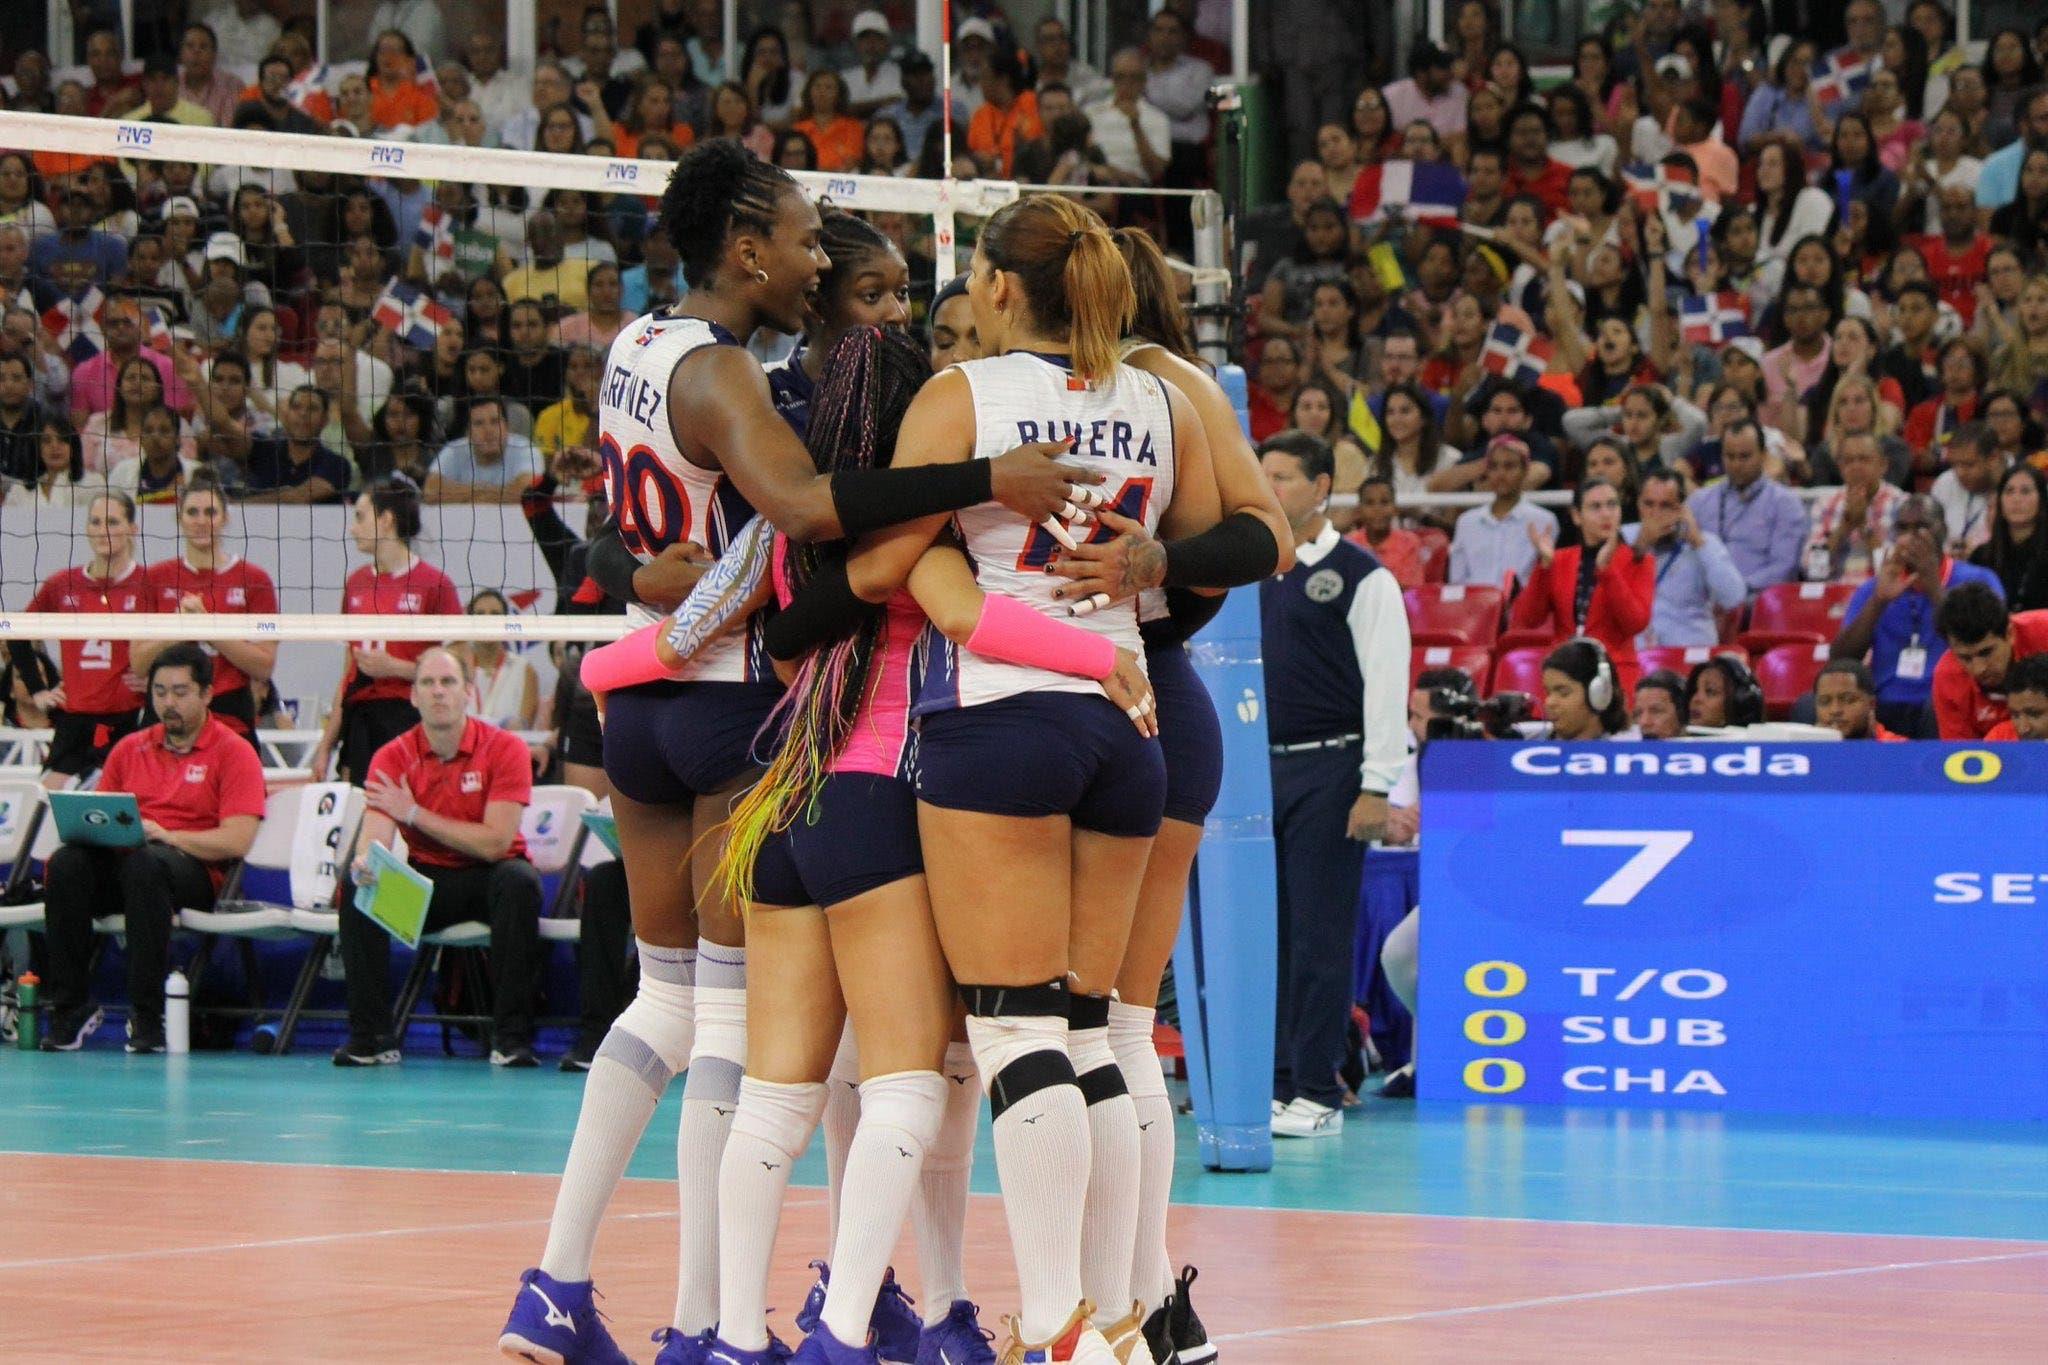 Las Reinas del Caribe pulverizan a Canadá y disputarán el boleto a Tokio con Puerto Rico